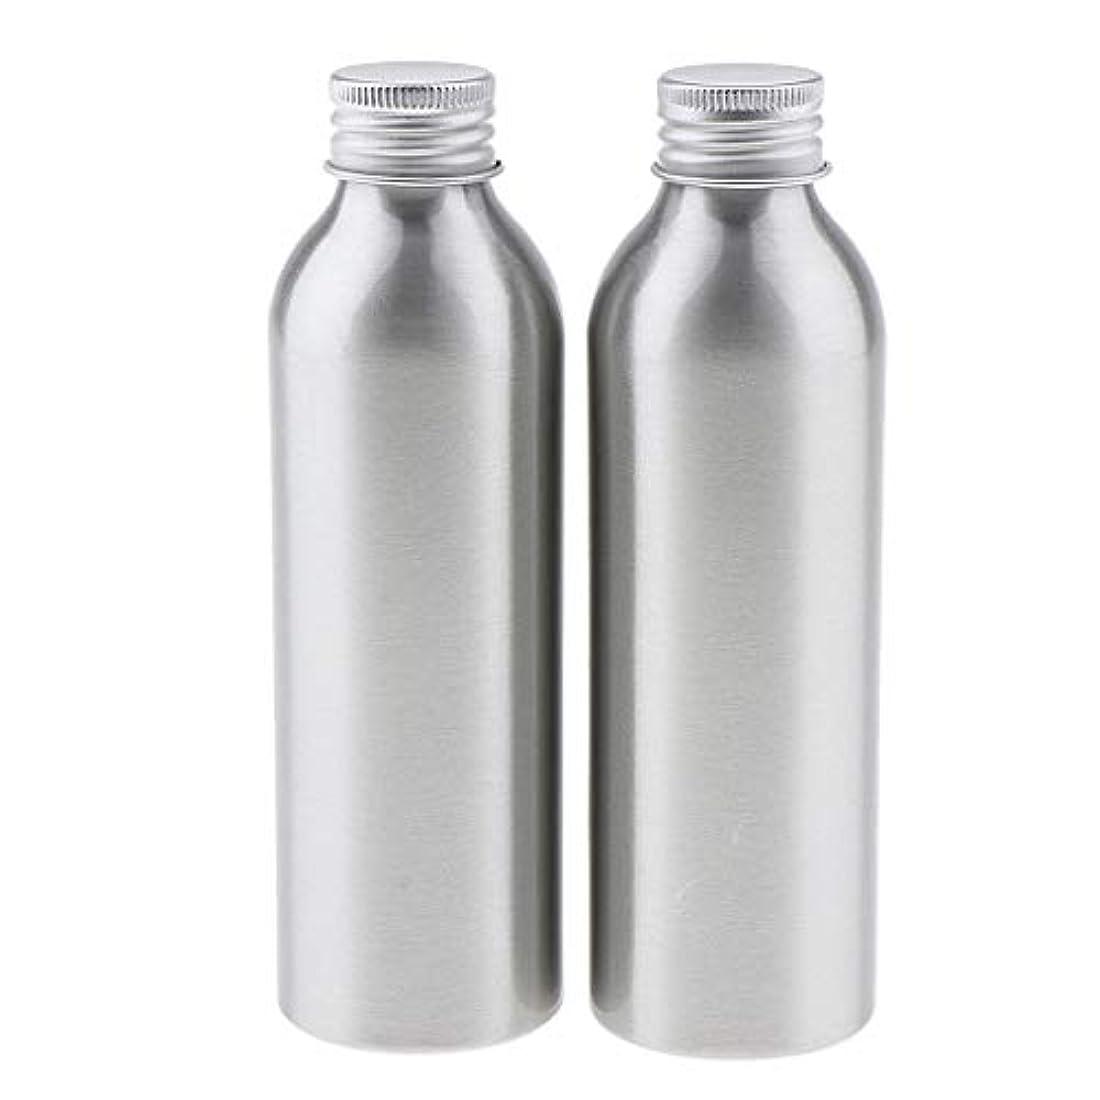 すり確執ラケットディスペンサーボトル 空ボトル アルミボトル 化粧品ボトル 詰替え容器 広い口 防錆 全5サイズ - 150ml